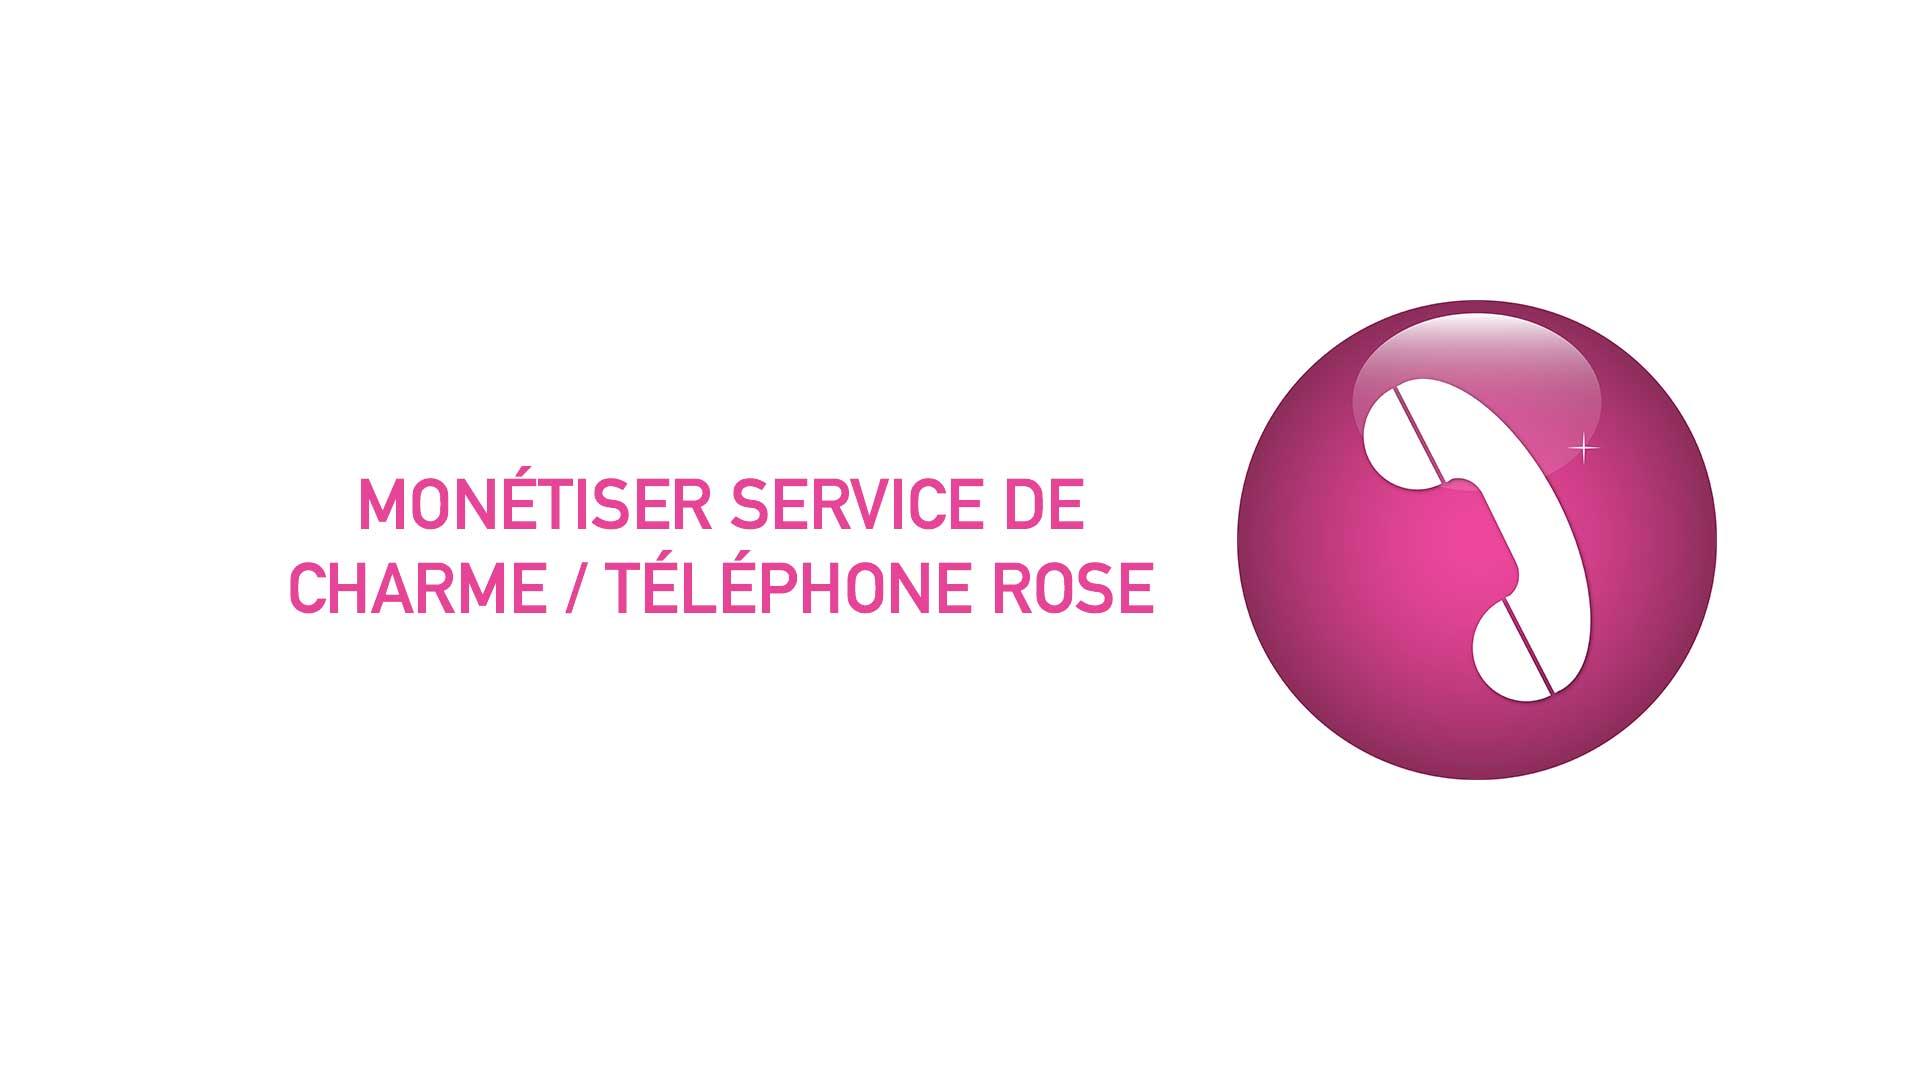 Service de charme pour adultes / Téléphone rose 08